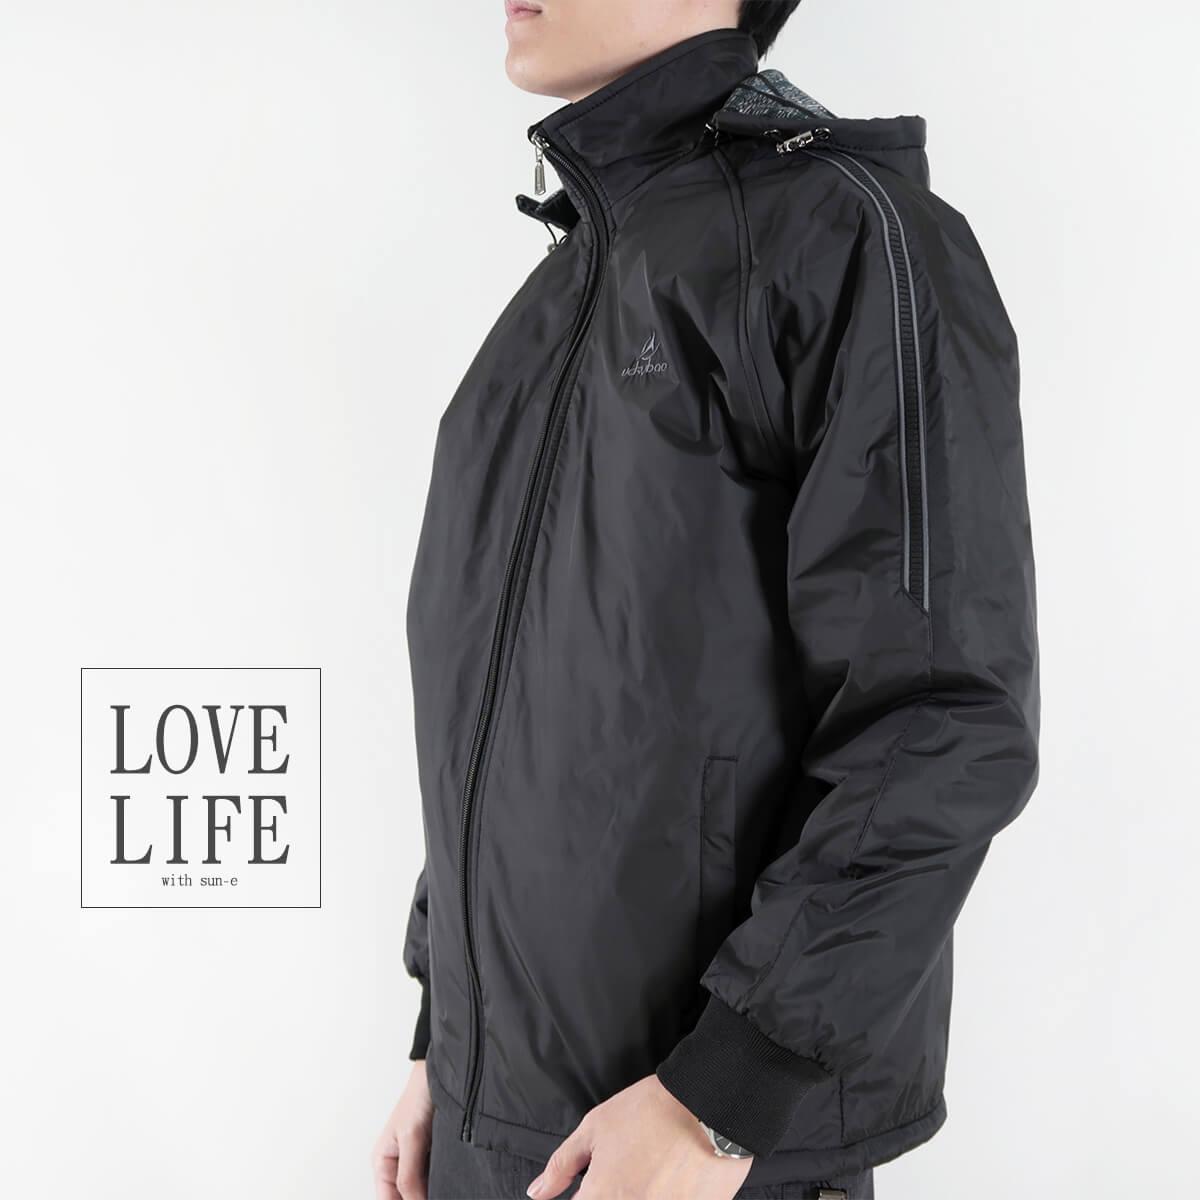 內舖絨布保暖風衣外套 保暖外套 騎士外套 夾克外套 防風外套 黑色外套 FLANNEL LINED WINDBREAKER JACKETS (312-6077-21)黑色 L XL 2L(胸圍46~51英吋) [實體店面保障] sun-e 6